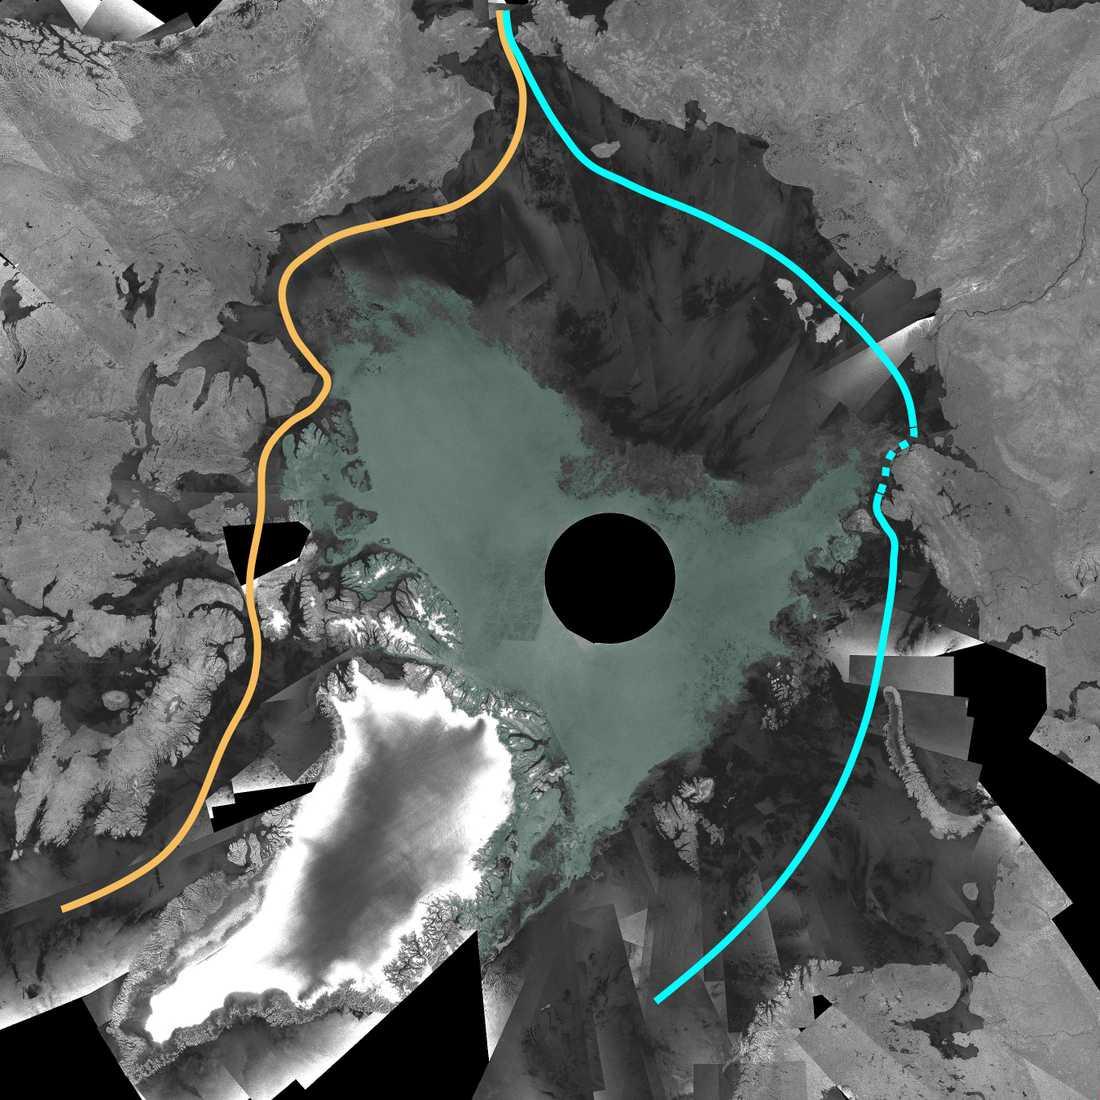 SJÖVÄGEN GENOM ARKTIS ÖPPEN De nya satellitbilderna visar att den tidigare stängda sjövägen genom Arktis nu blivit framkomlig. Den gula markeringen visar Nordvästpassagen norr om Kanada som nu är helt farbar. Den blå markeringen visar Nordostpassagen norr om Ryssland där det streckade området fortfarande är spärrad av is.